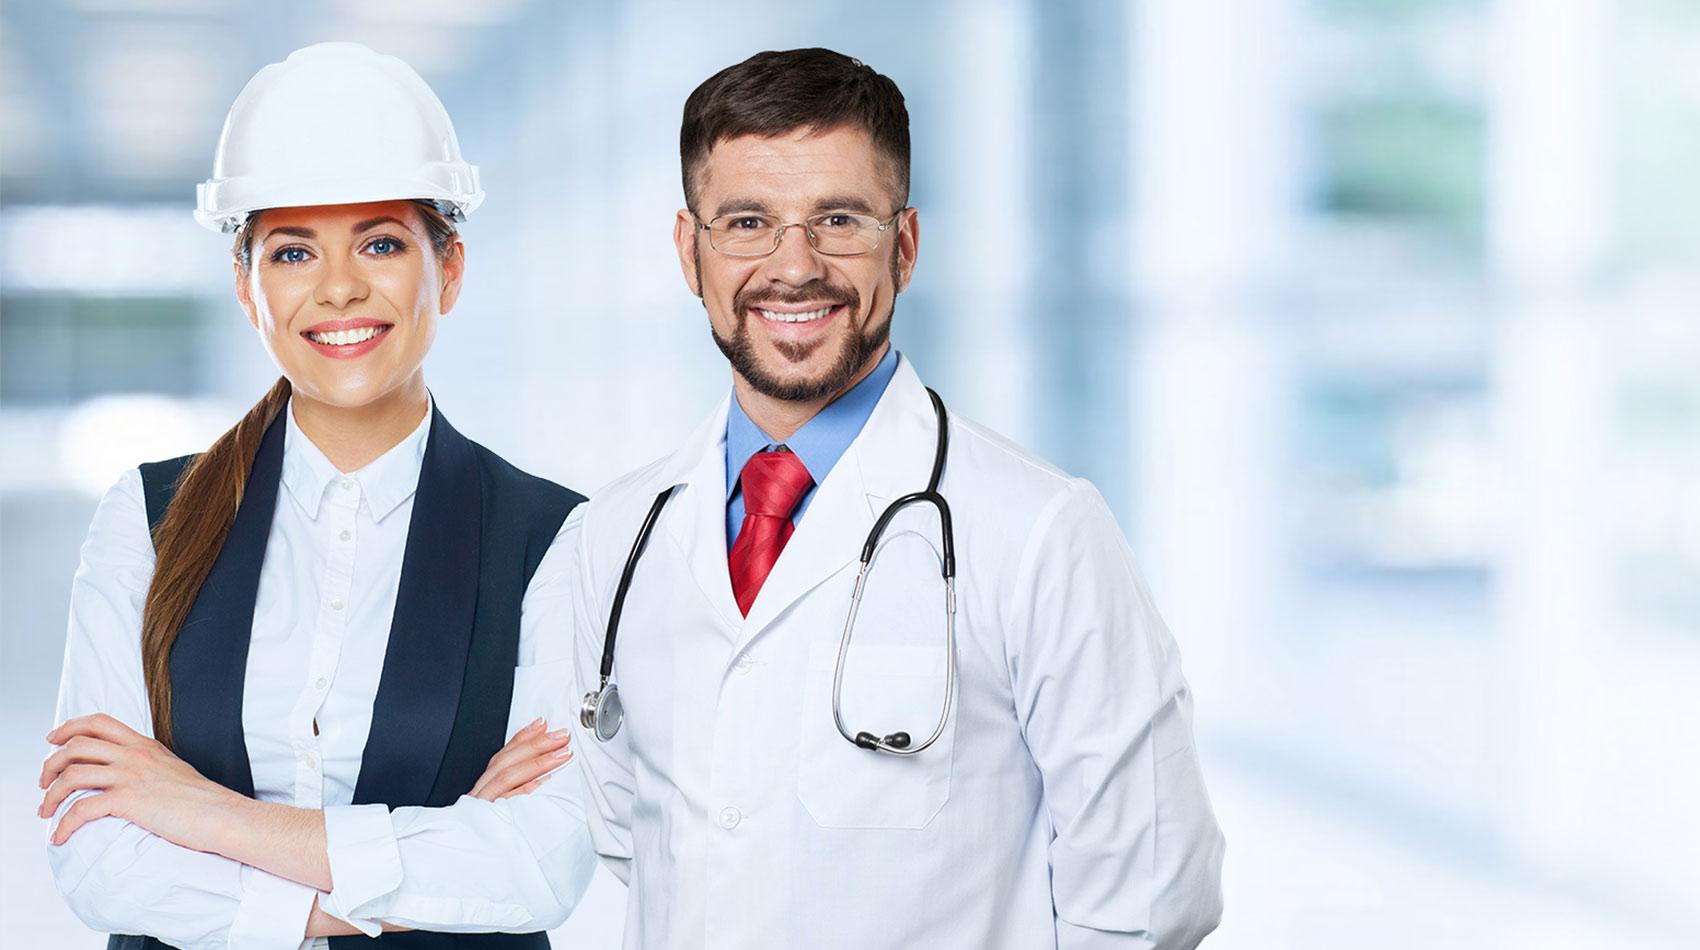 Doctorado en Seguridad, Salud y Medio Ambiente